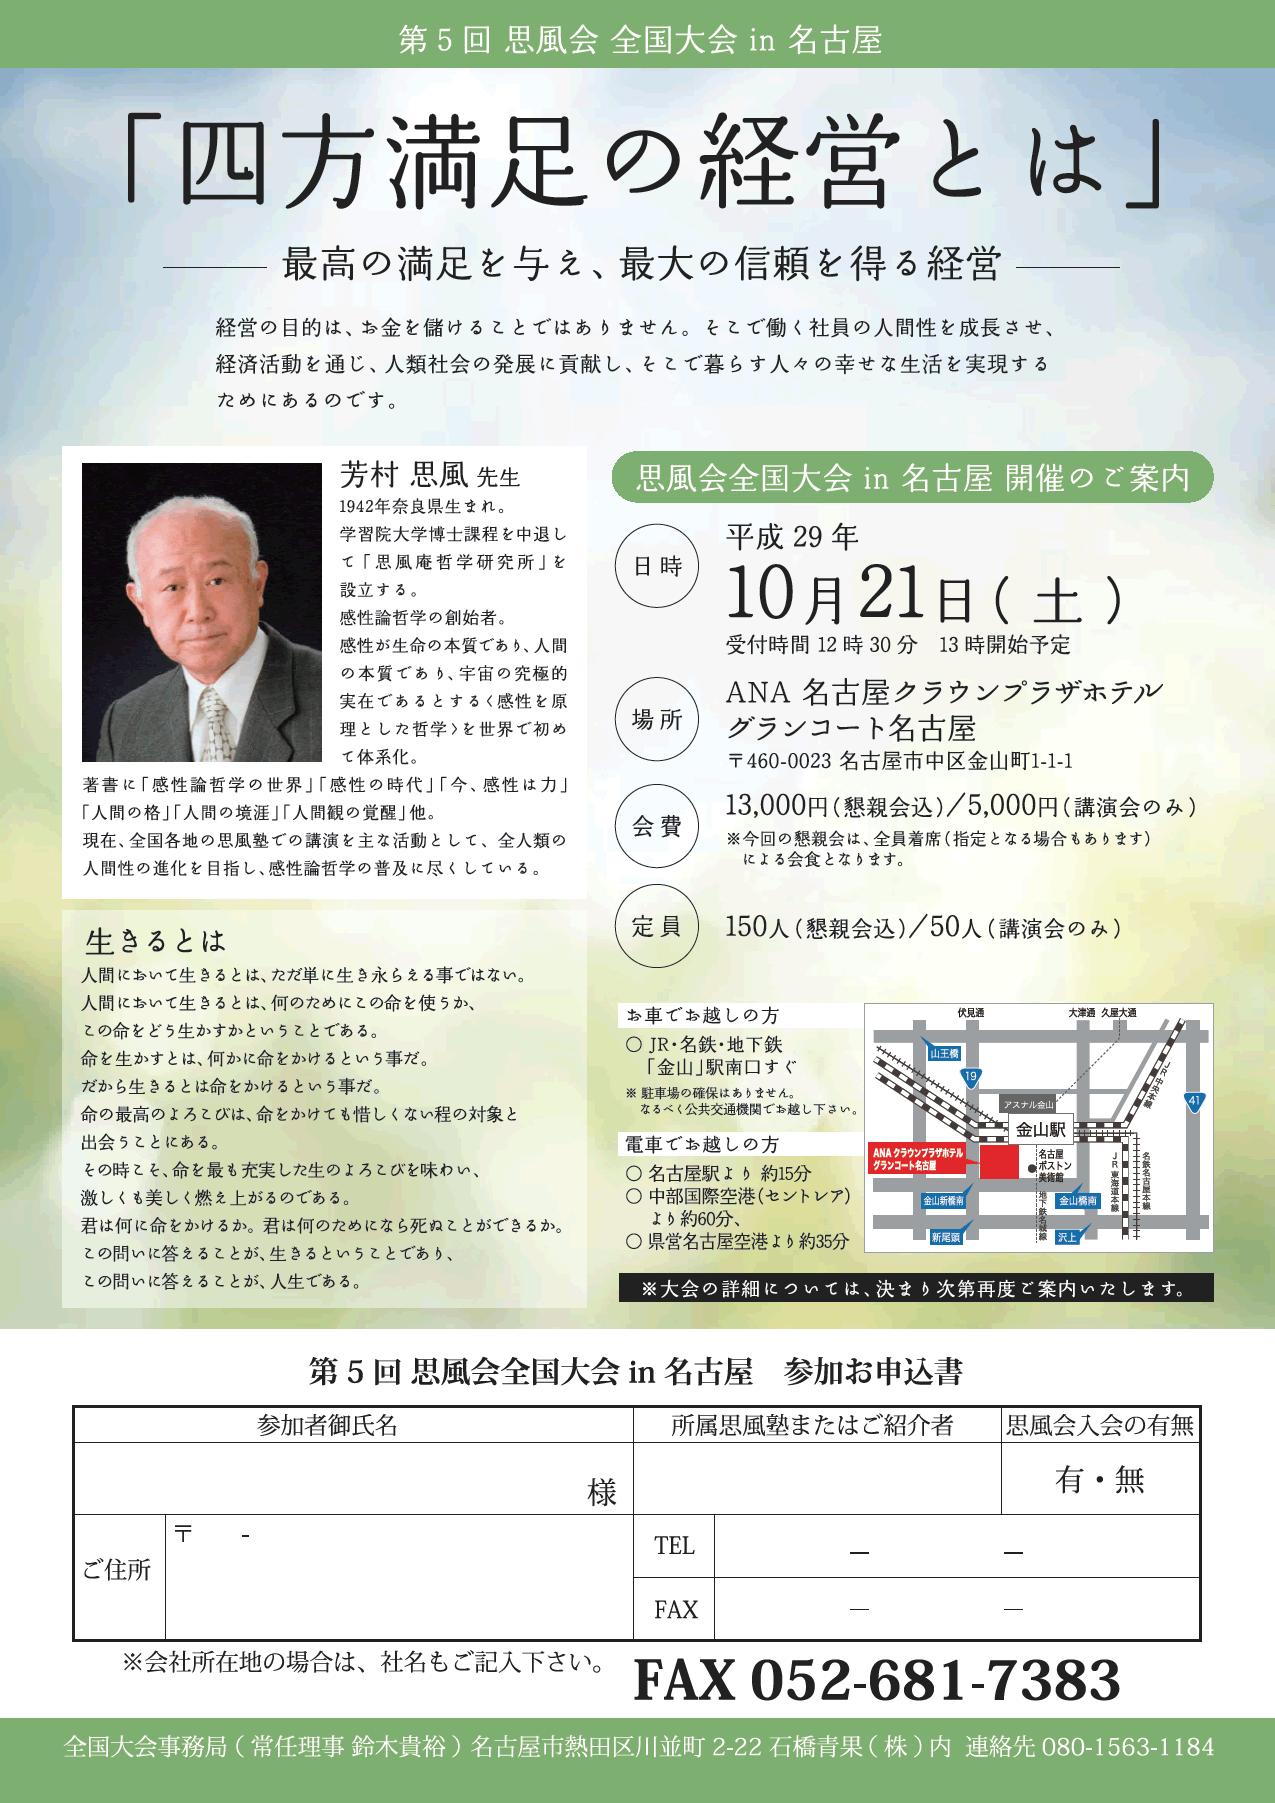 shifukai - 2017年10月21日(土) 思風会の全国大会を名古屋にて開催